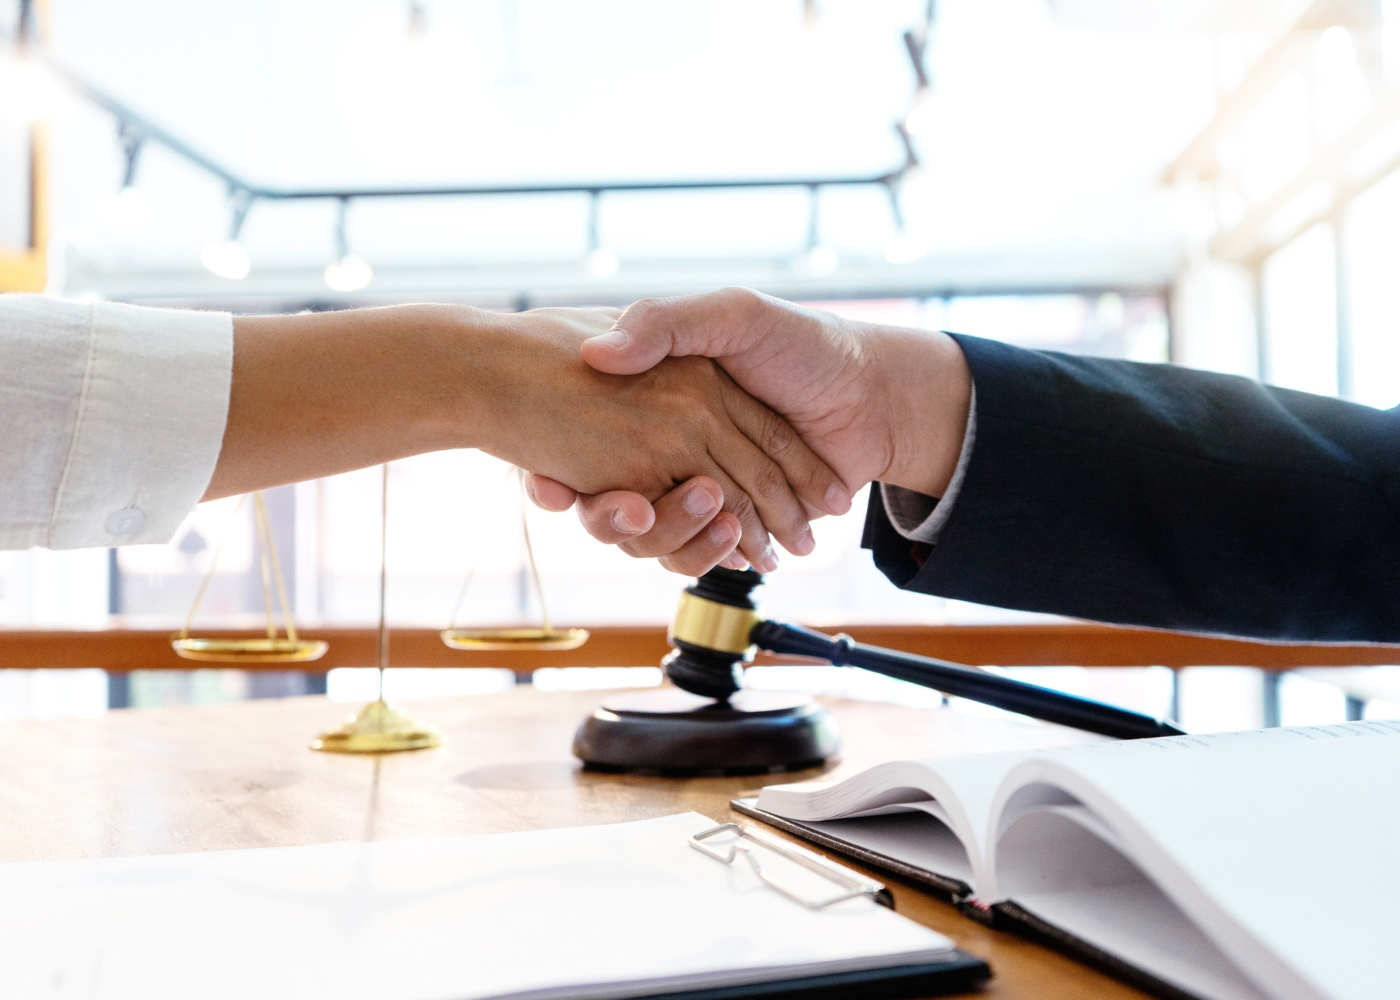 aperto de mão entre duas partes que chegaram a acordo depois de processo de mediação